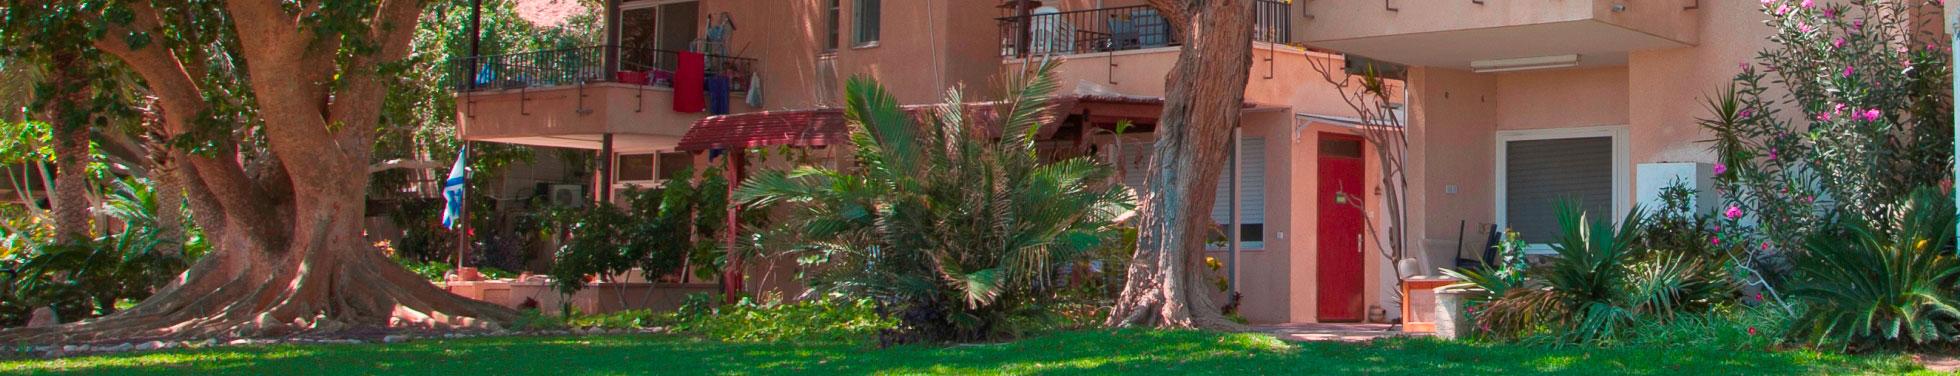 Kibbutz Lodging (C) GoIsrael.com